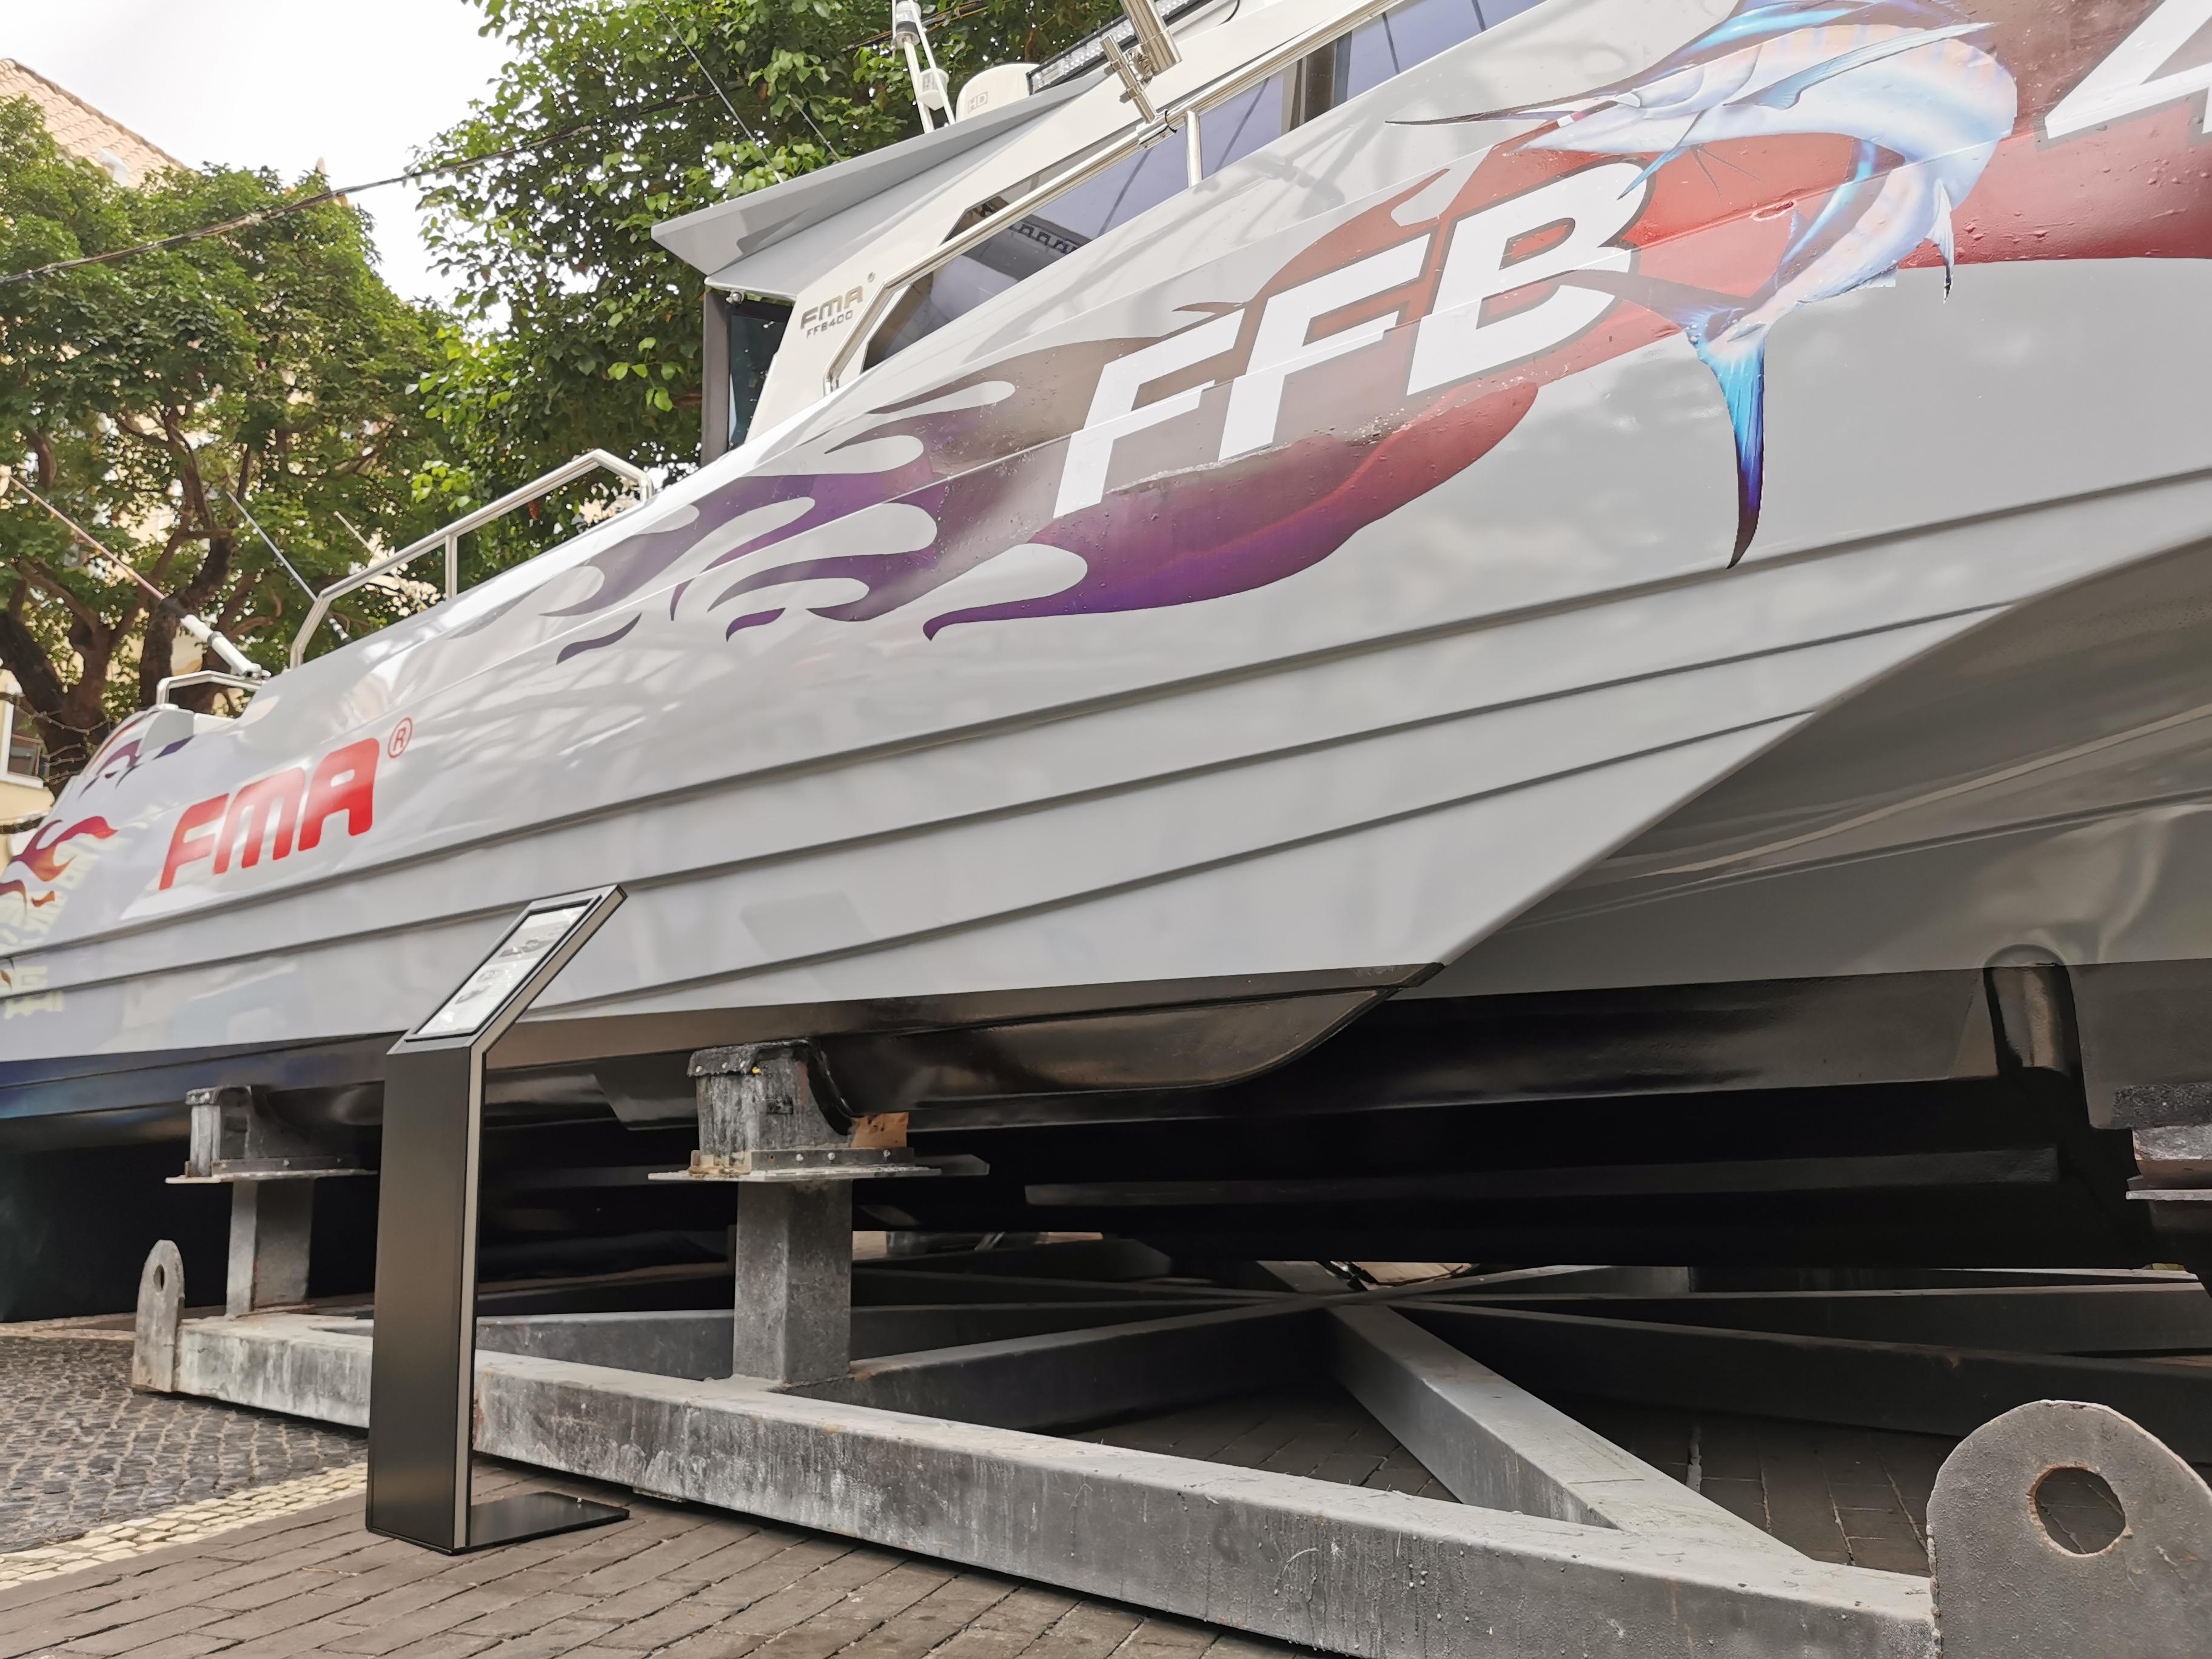 FMA 400三体高性能钓鱼艇,用56节的高速追击鱼群